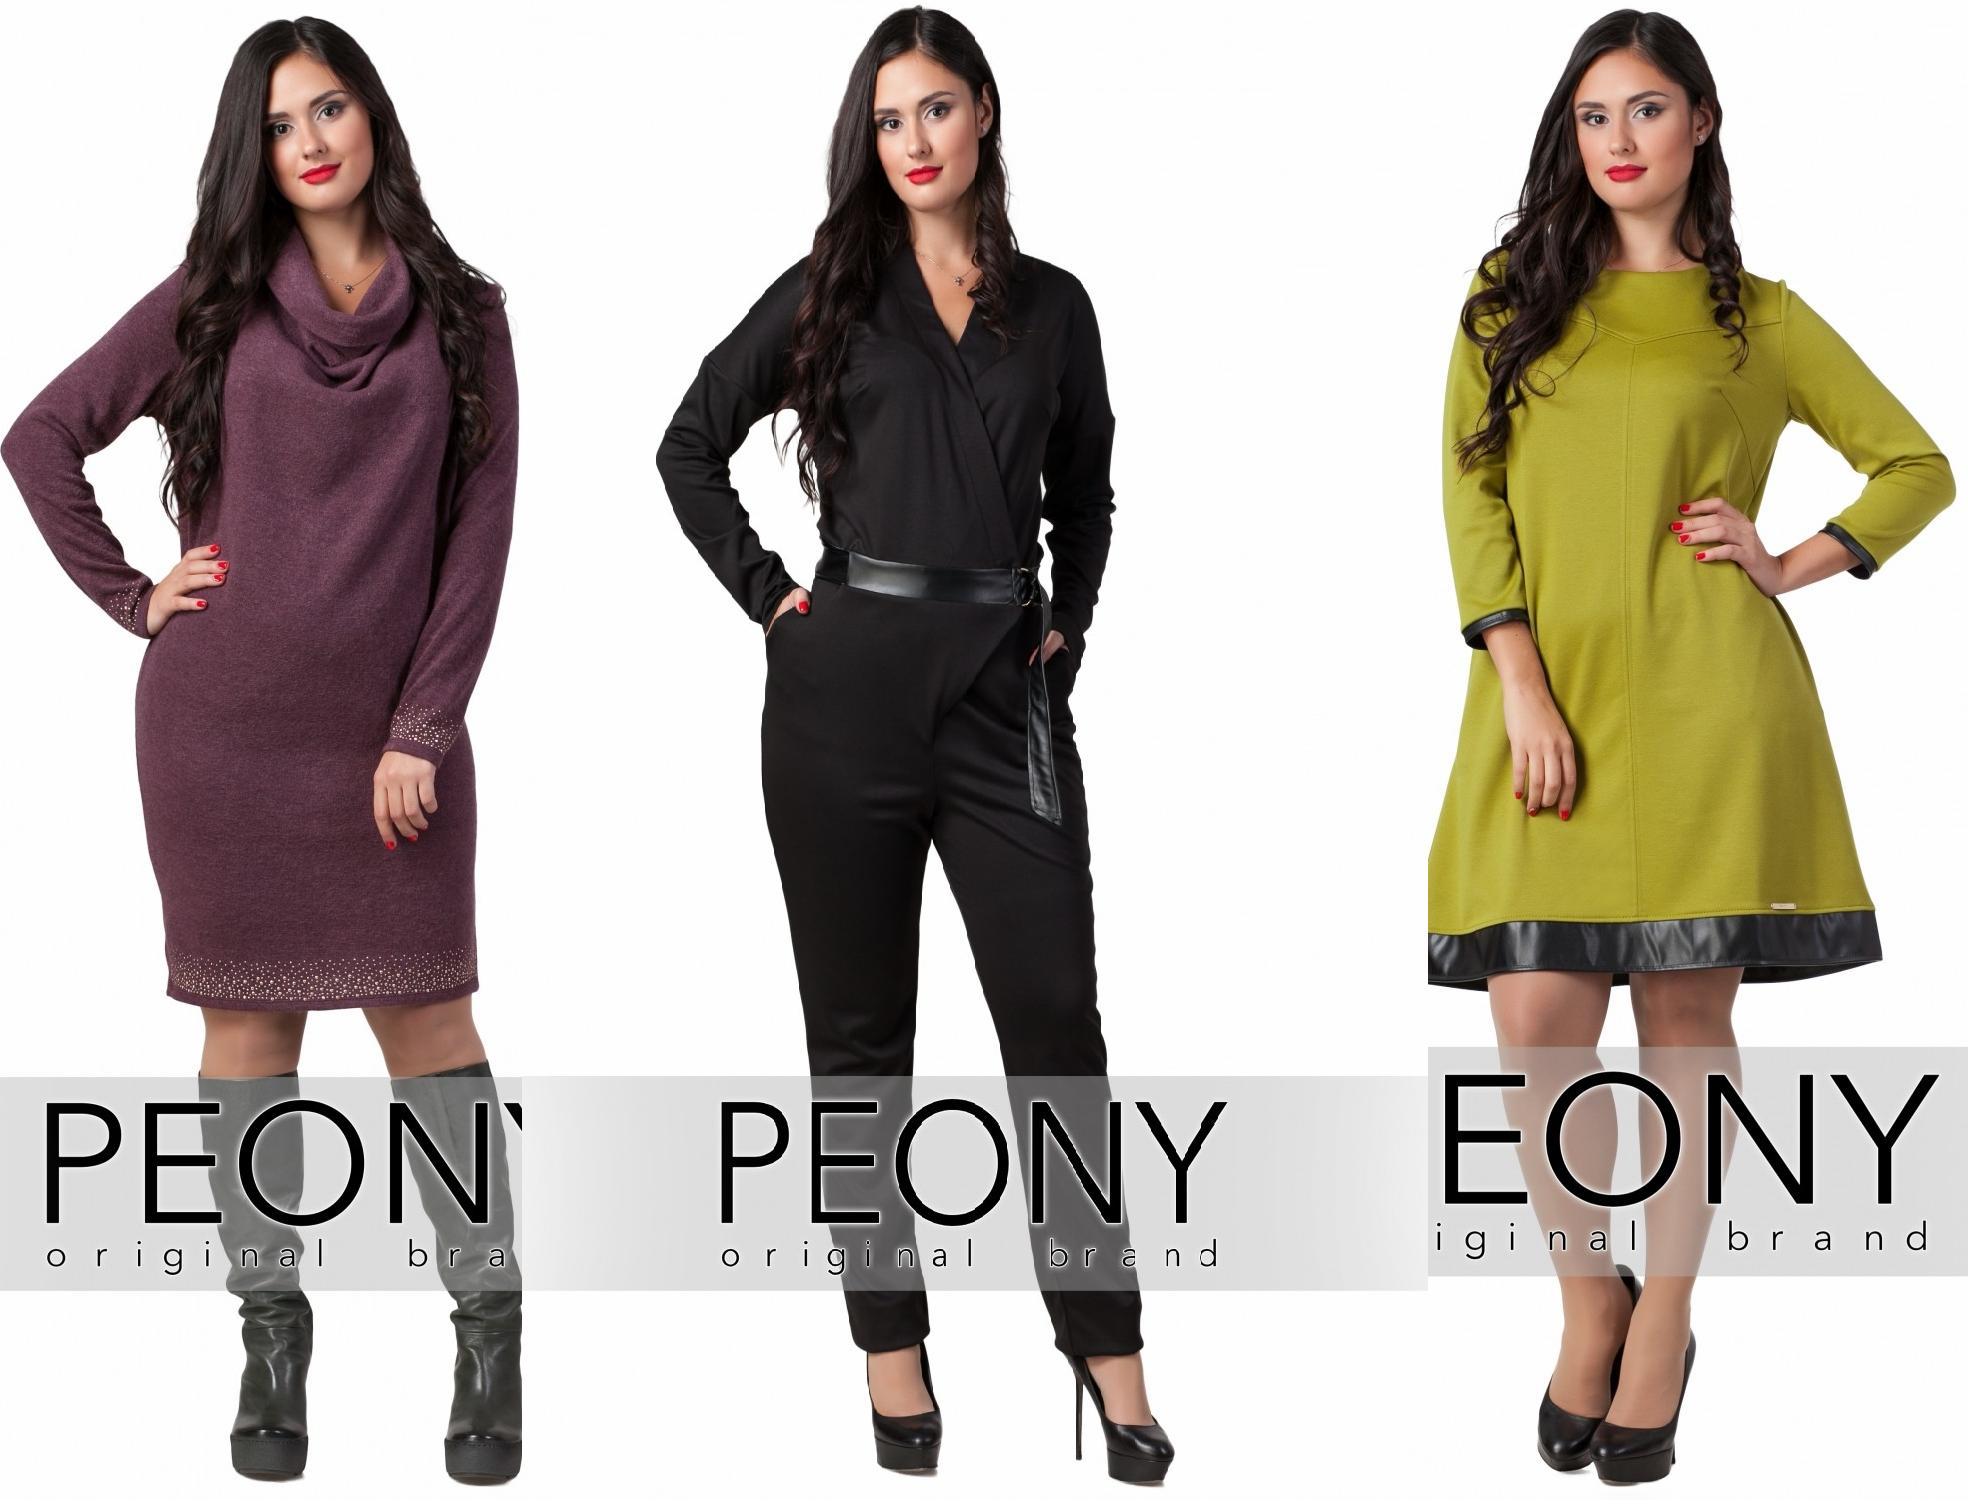 Пиони-7. Комфортная, стильная, доступная одежда. НЕскучная коллекция для офиса и на каждый день. Только для девушек размеров 48-60!